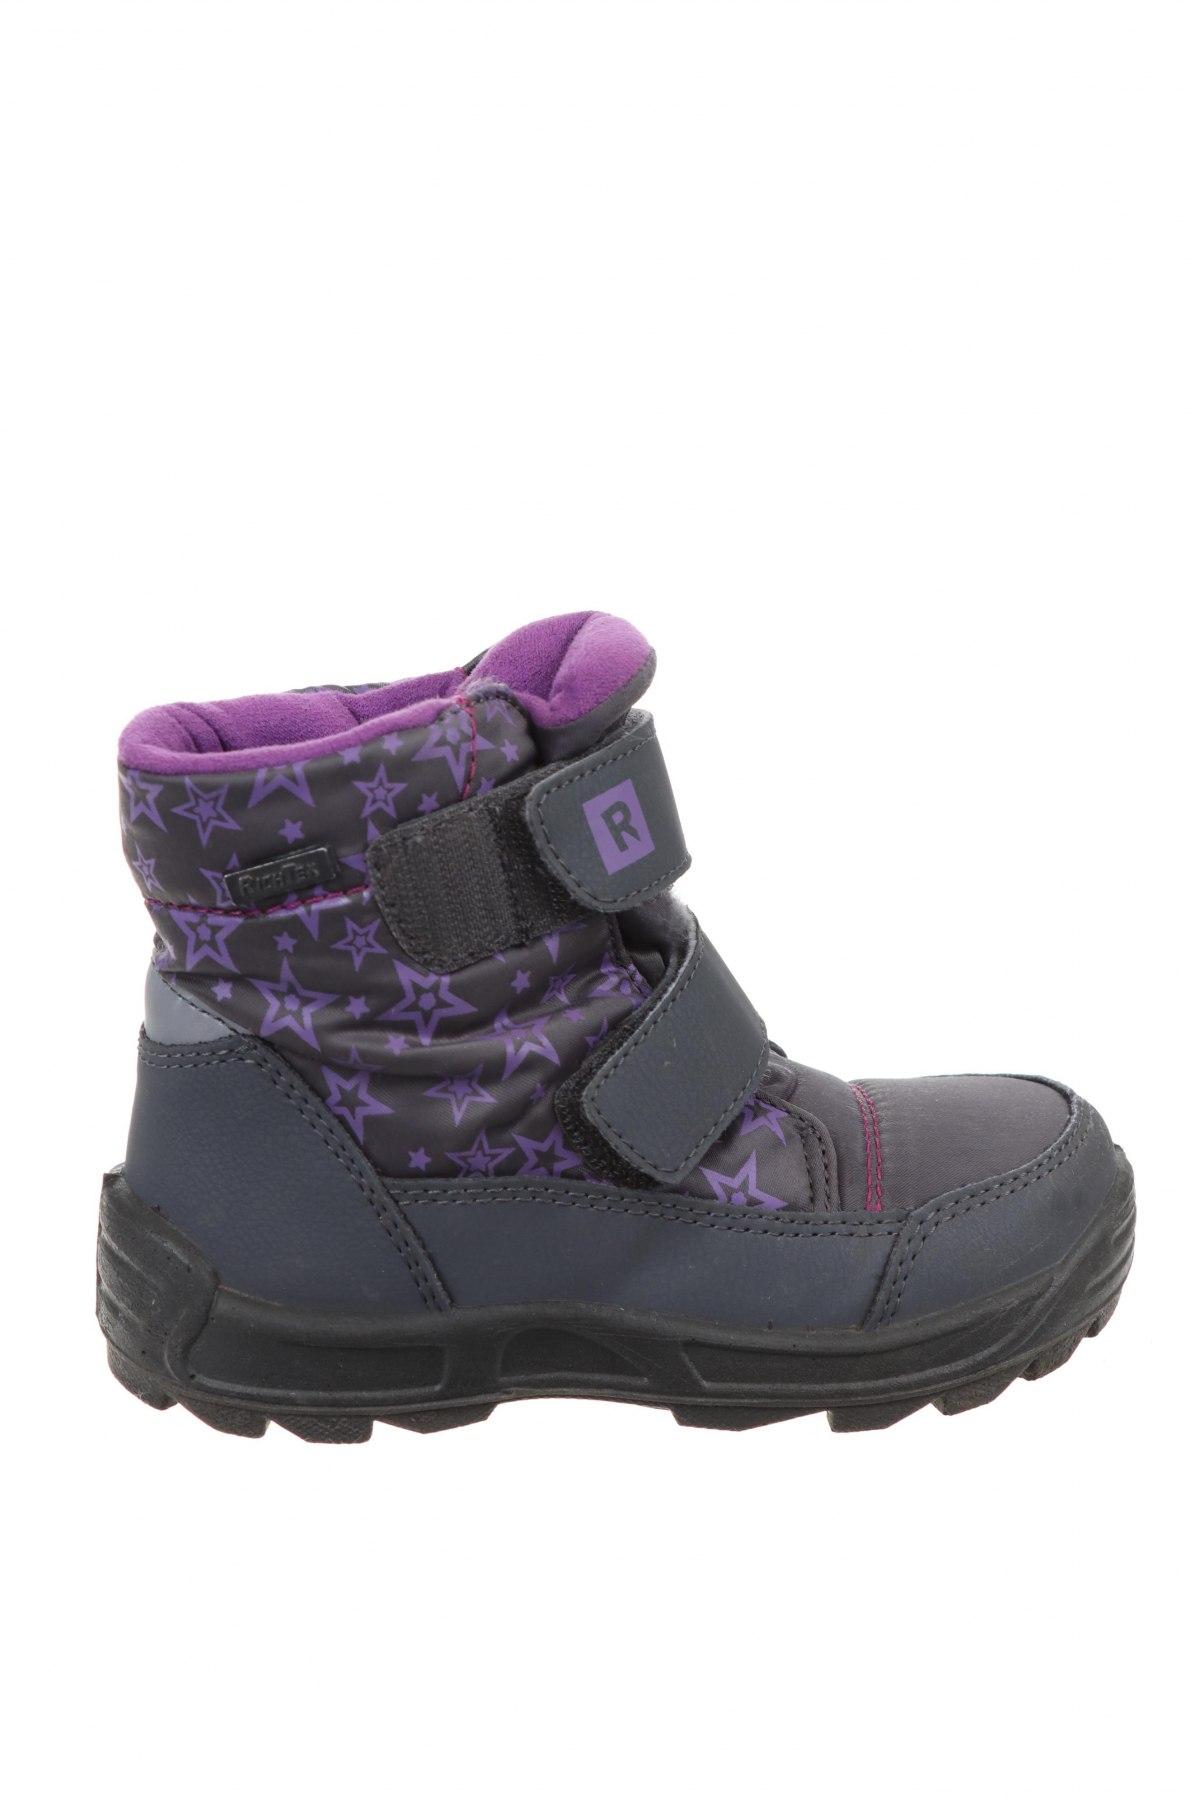 Παιδικά παπούτσια Richter, Μέγεθος 26, Χρώμα Γκρί, Δερματίνη, κλωστοϋφαντουργικά προϊόντα, Τιμή 9,90€